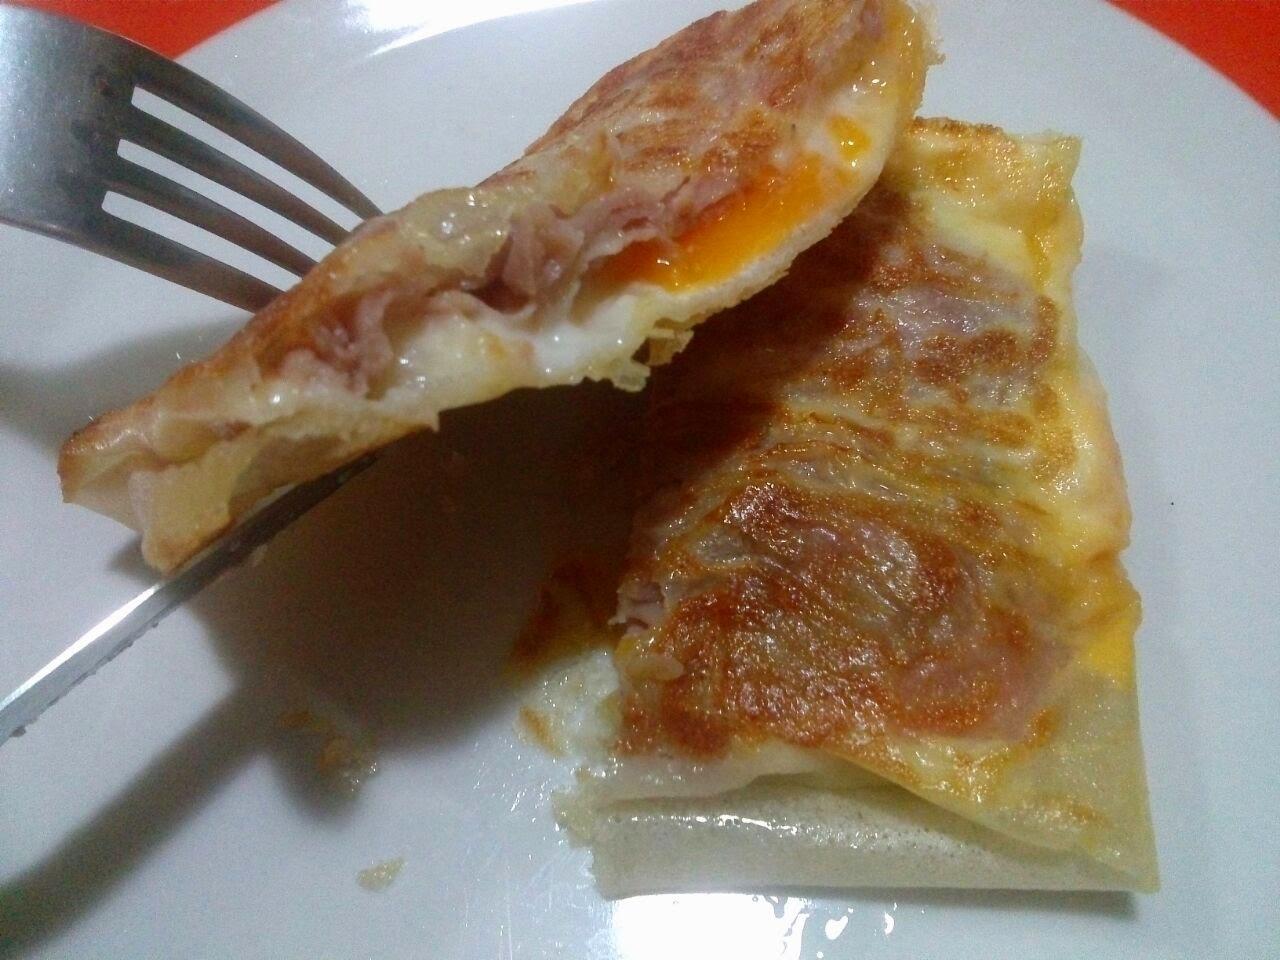 Brick con uova e prosciutto